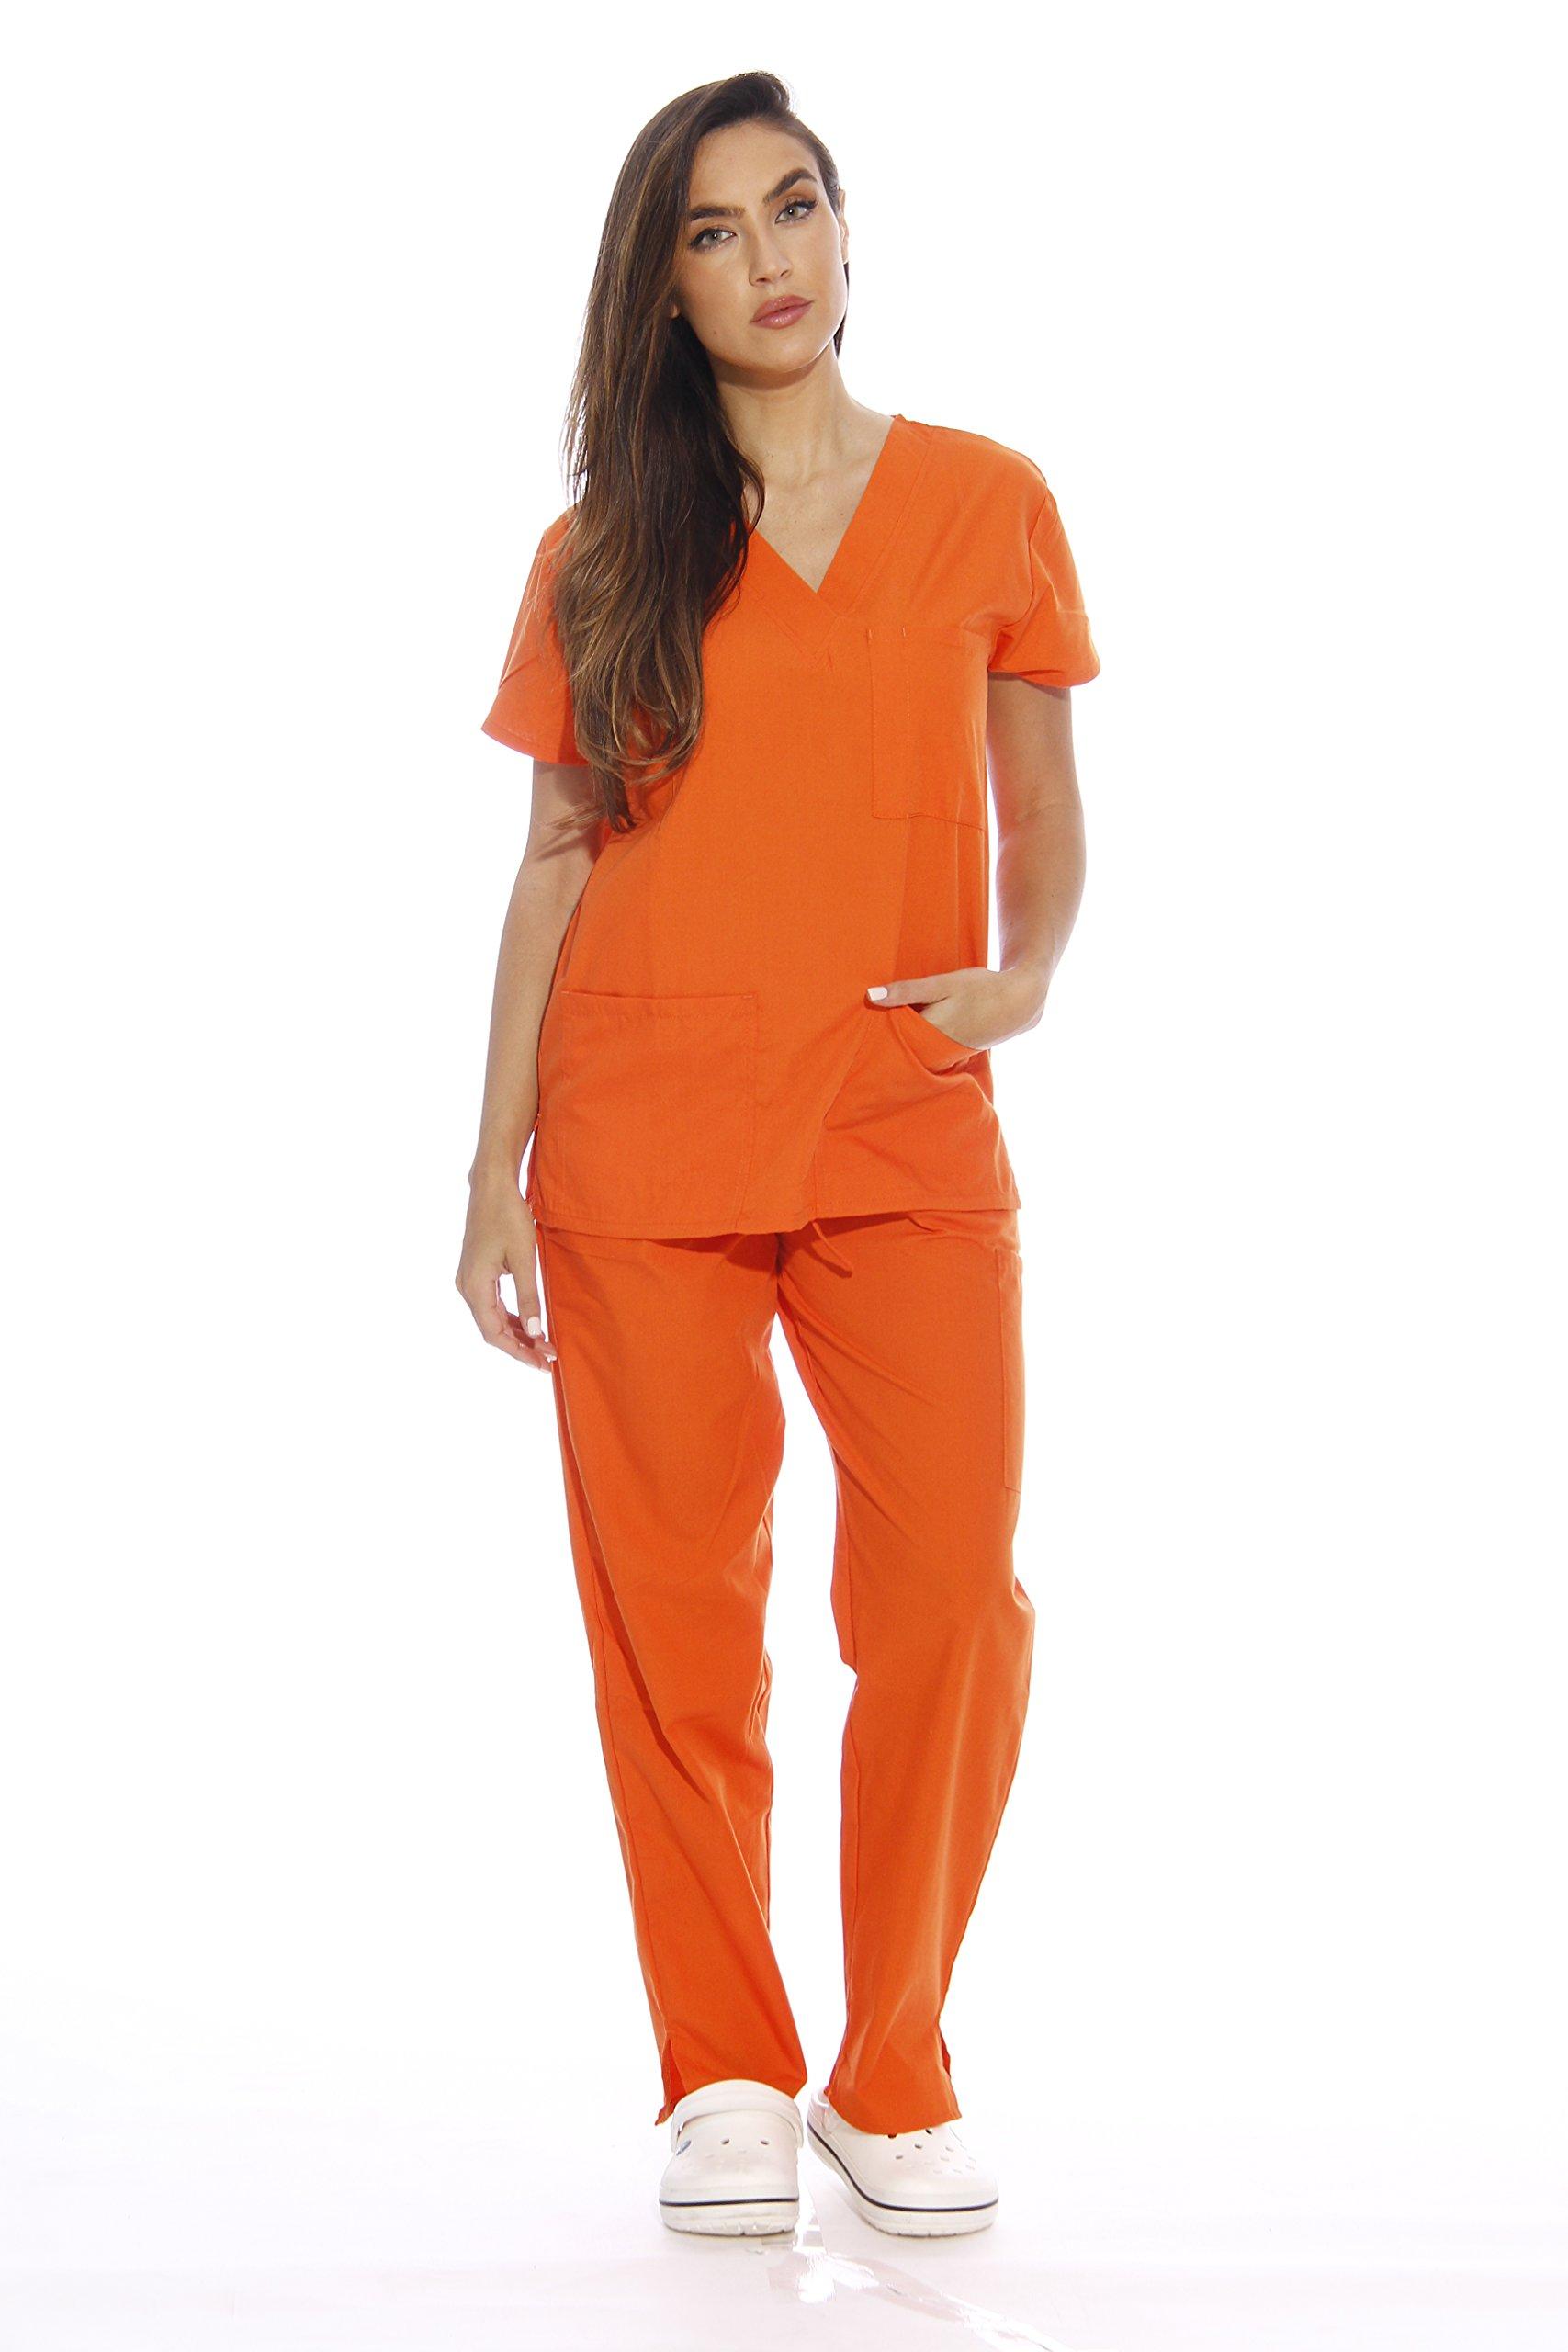 22250V-M Orange Just Love Women's Scrub Sets / Medical Scrubs / Nursing Scrubs,Orange,Medium